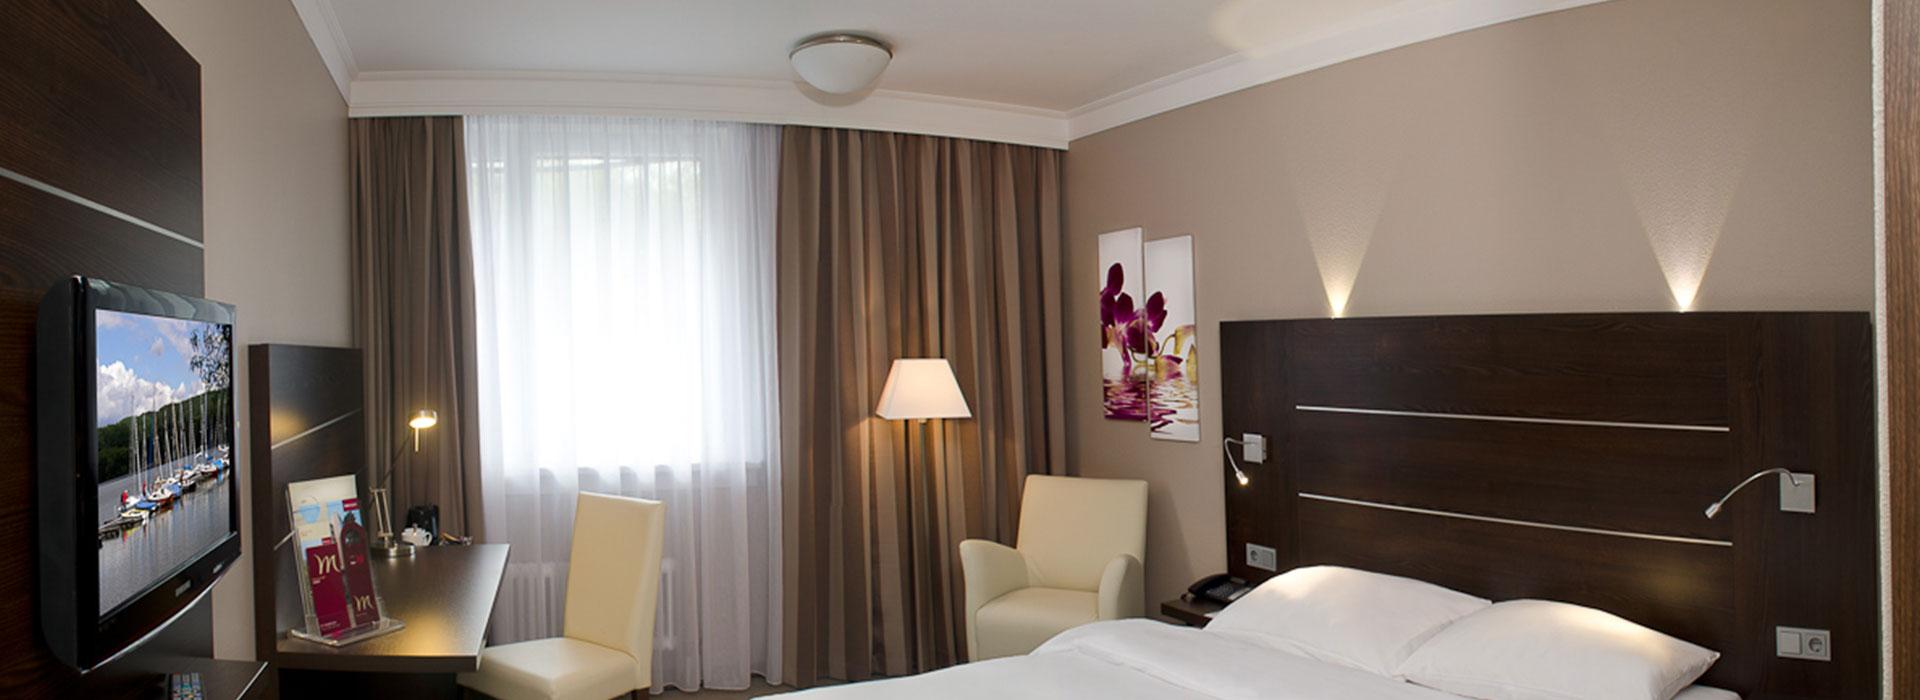 Breite Aufnahme von Hotelzimmereinrichtung